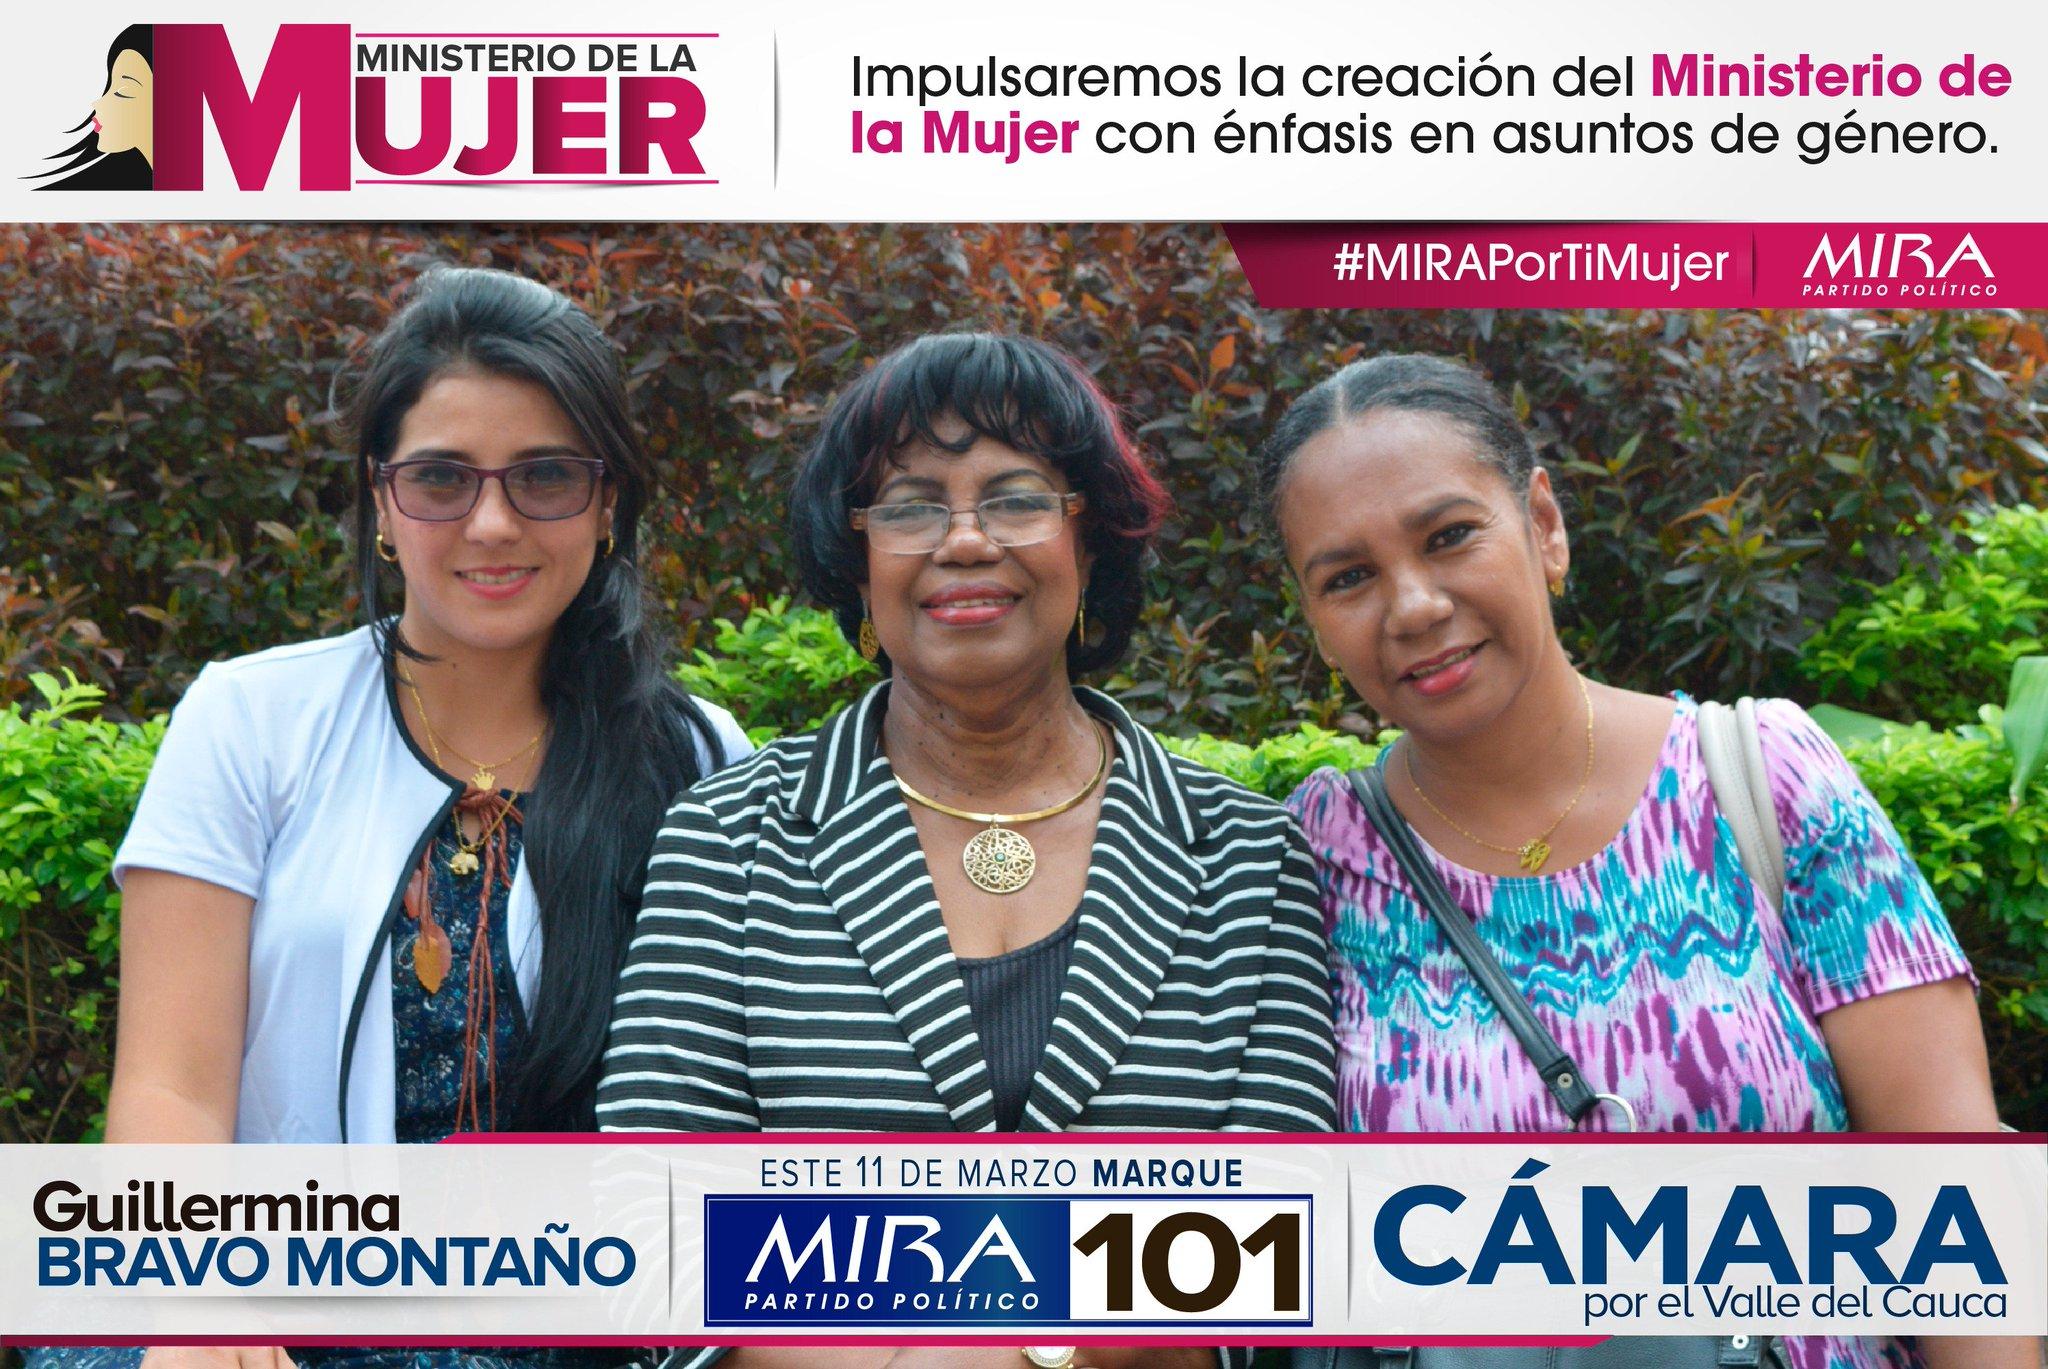 Impulsaremos la creación del Ministerio de la #Mujer con énfasis en asuntos de género. #MIRAPorTiMujer @ExtraCali @elpaiscali @Diarioccidente @LaFMCali @Caracol_Cali @NoticieroNoti5 @radiosupercali @lajotaestereo https://t.co/qj1qP3tCBa